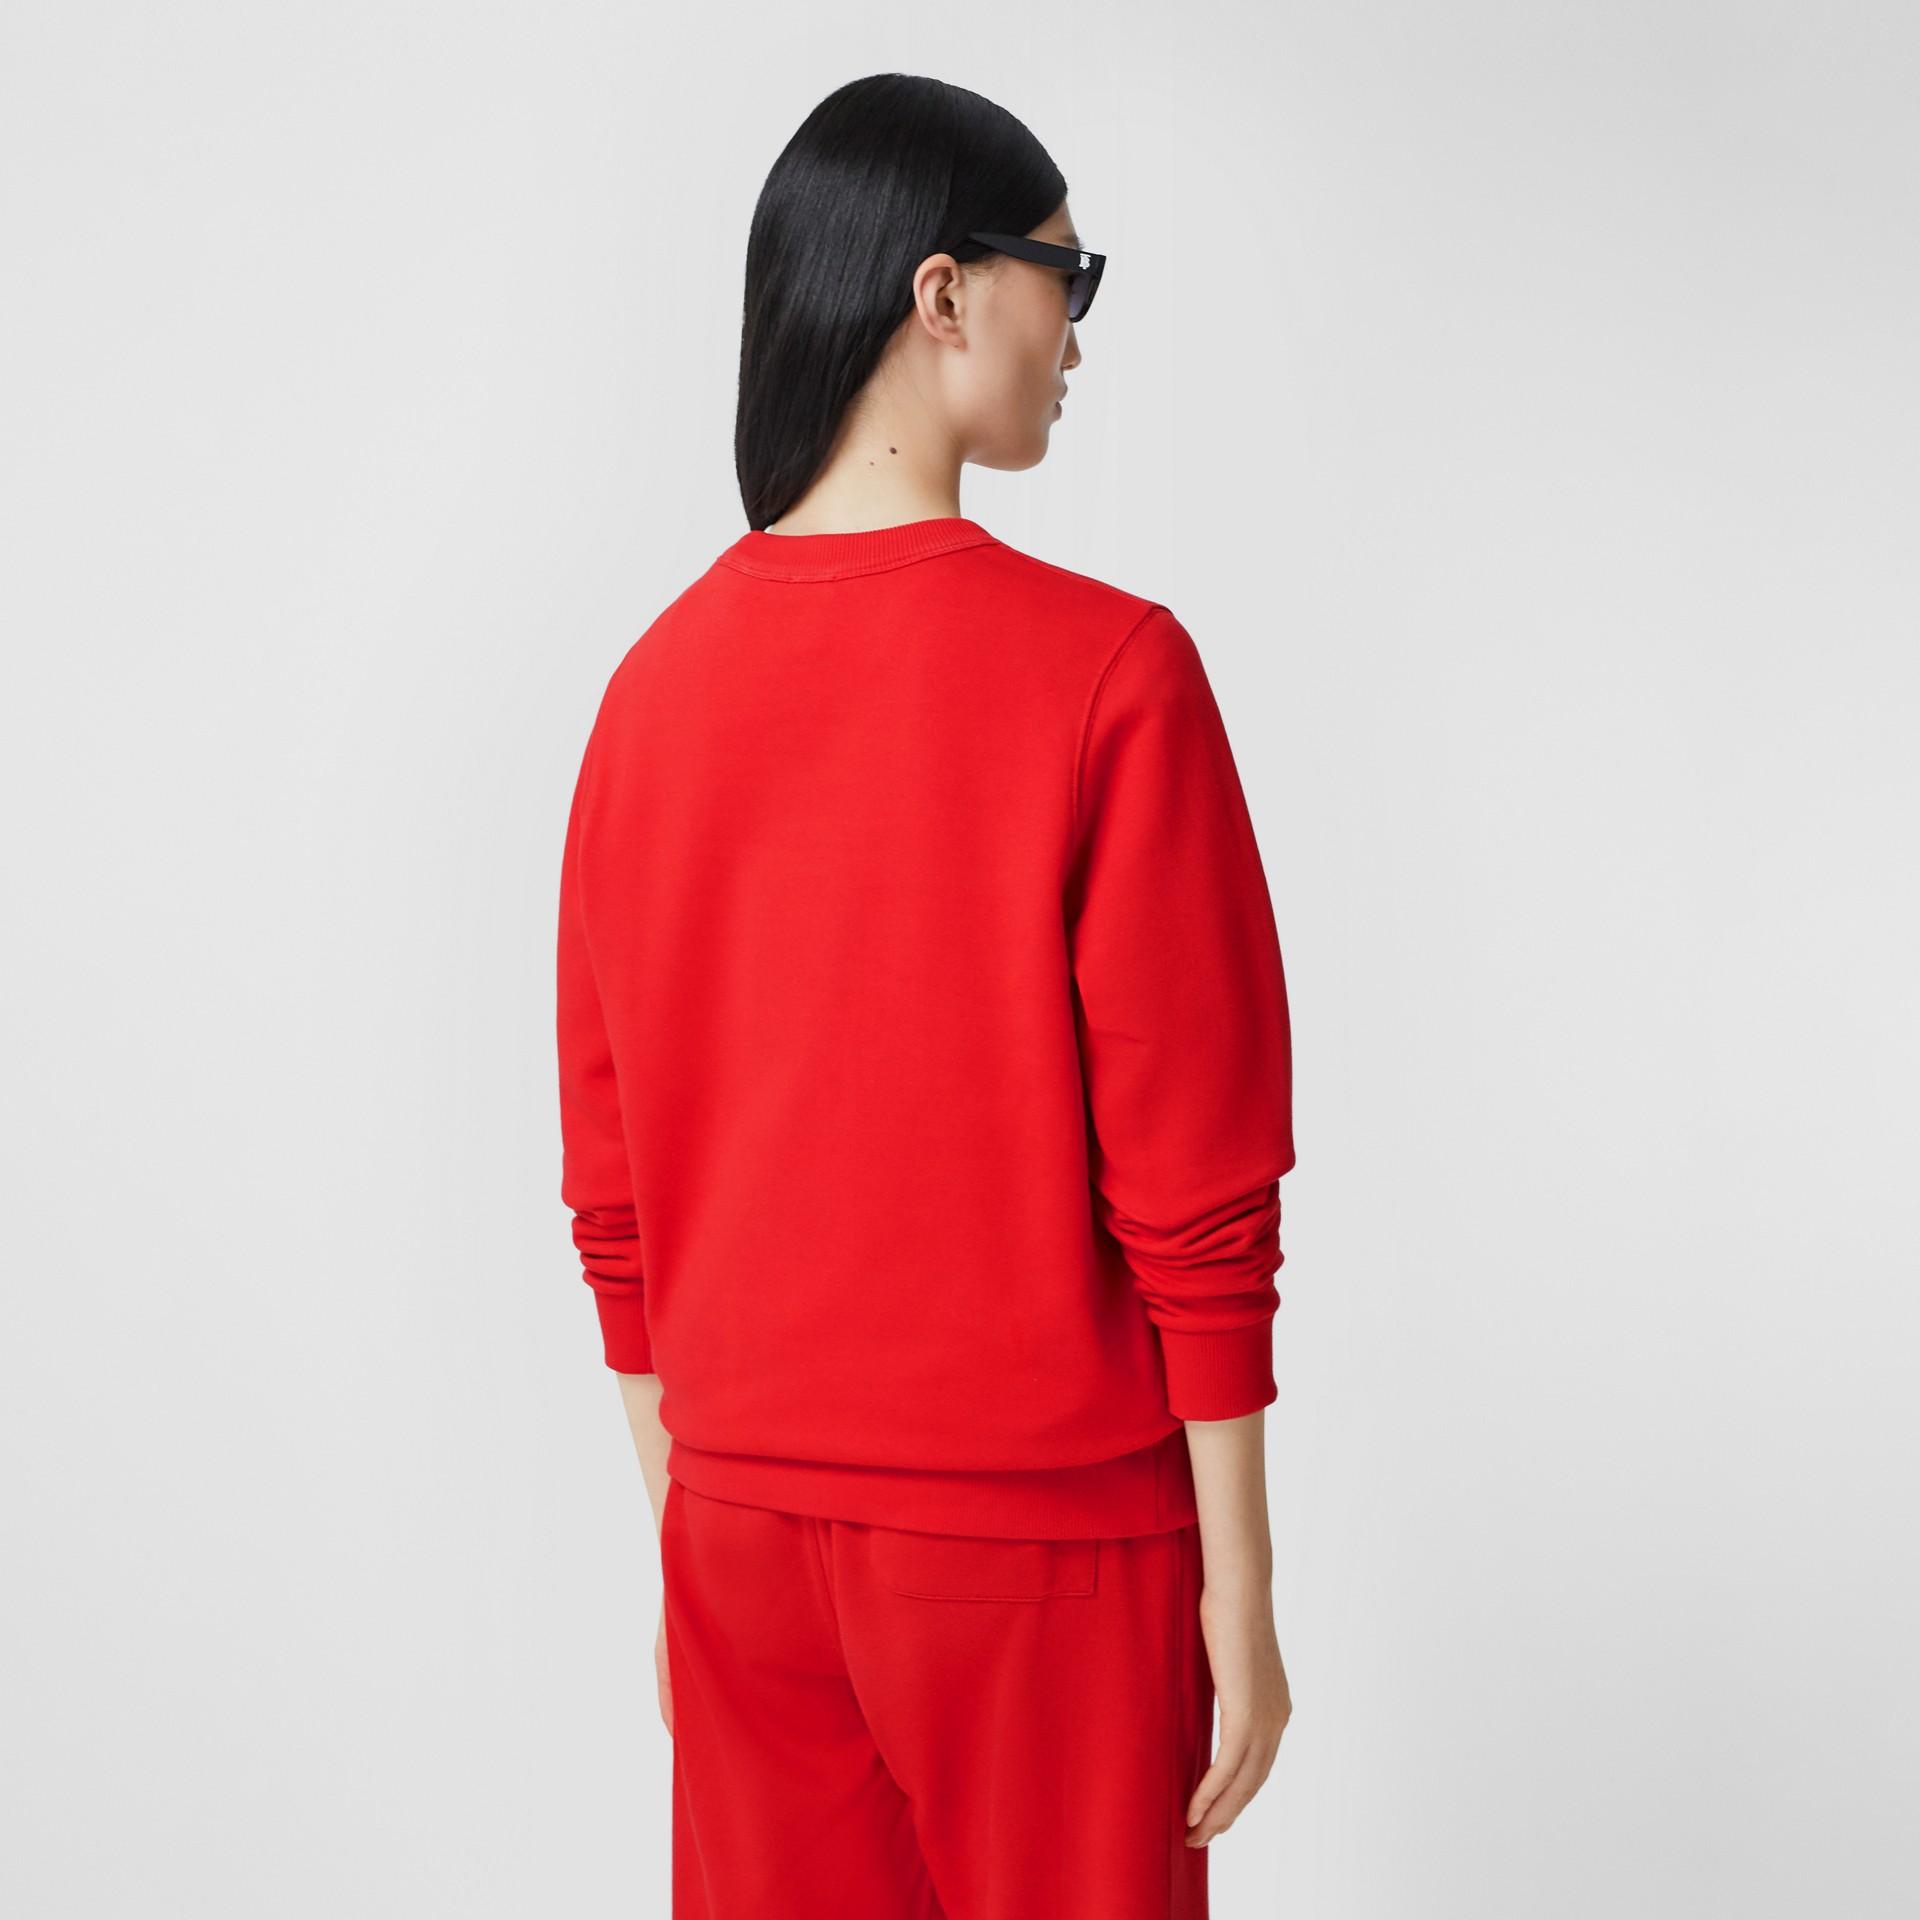 花押字圖案棉質寬版運動衫 (亮紅色) - 女款 | Burberry - 圖庫照片 2